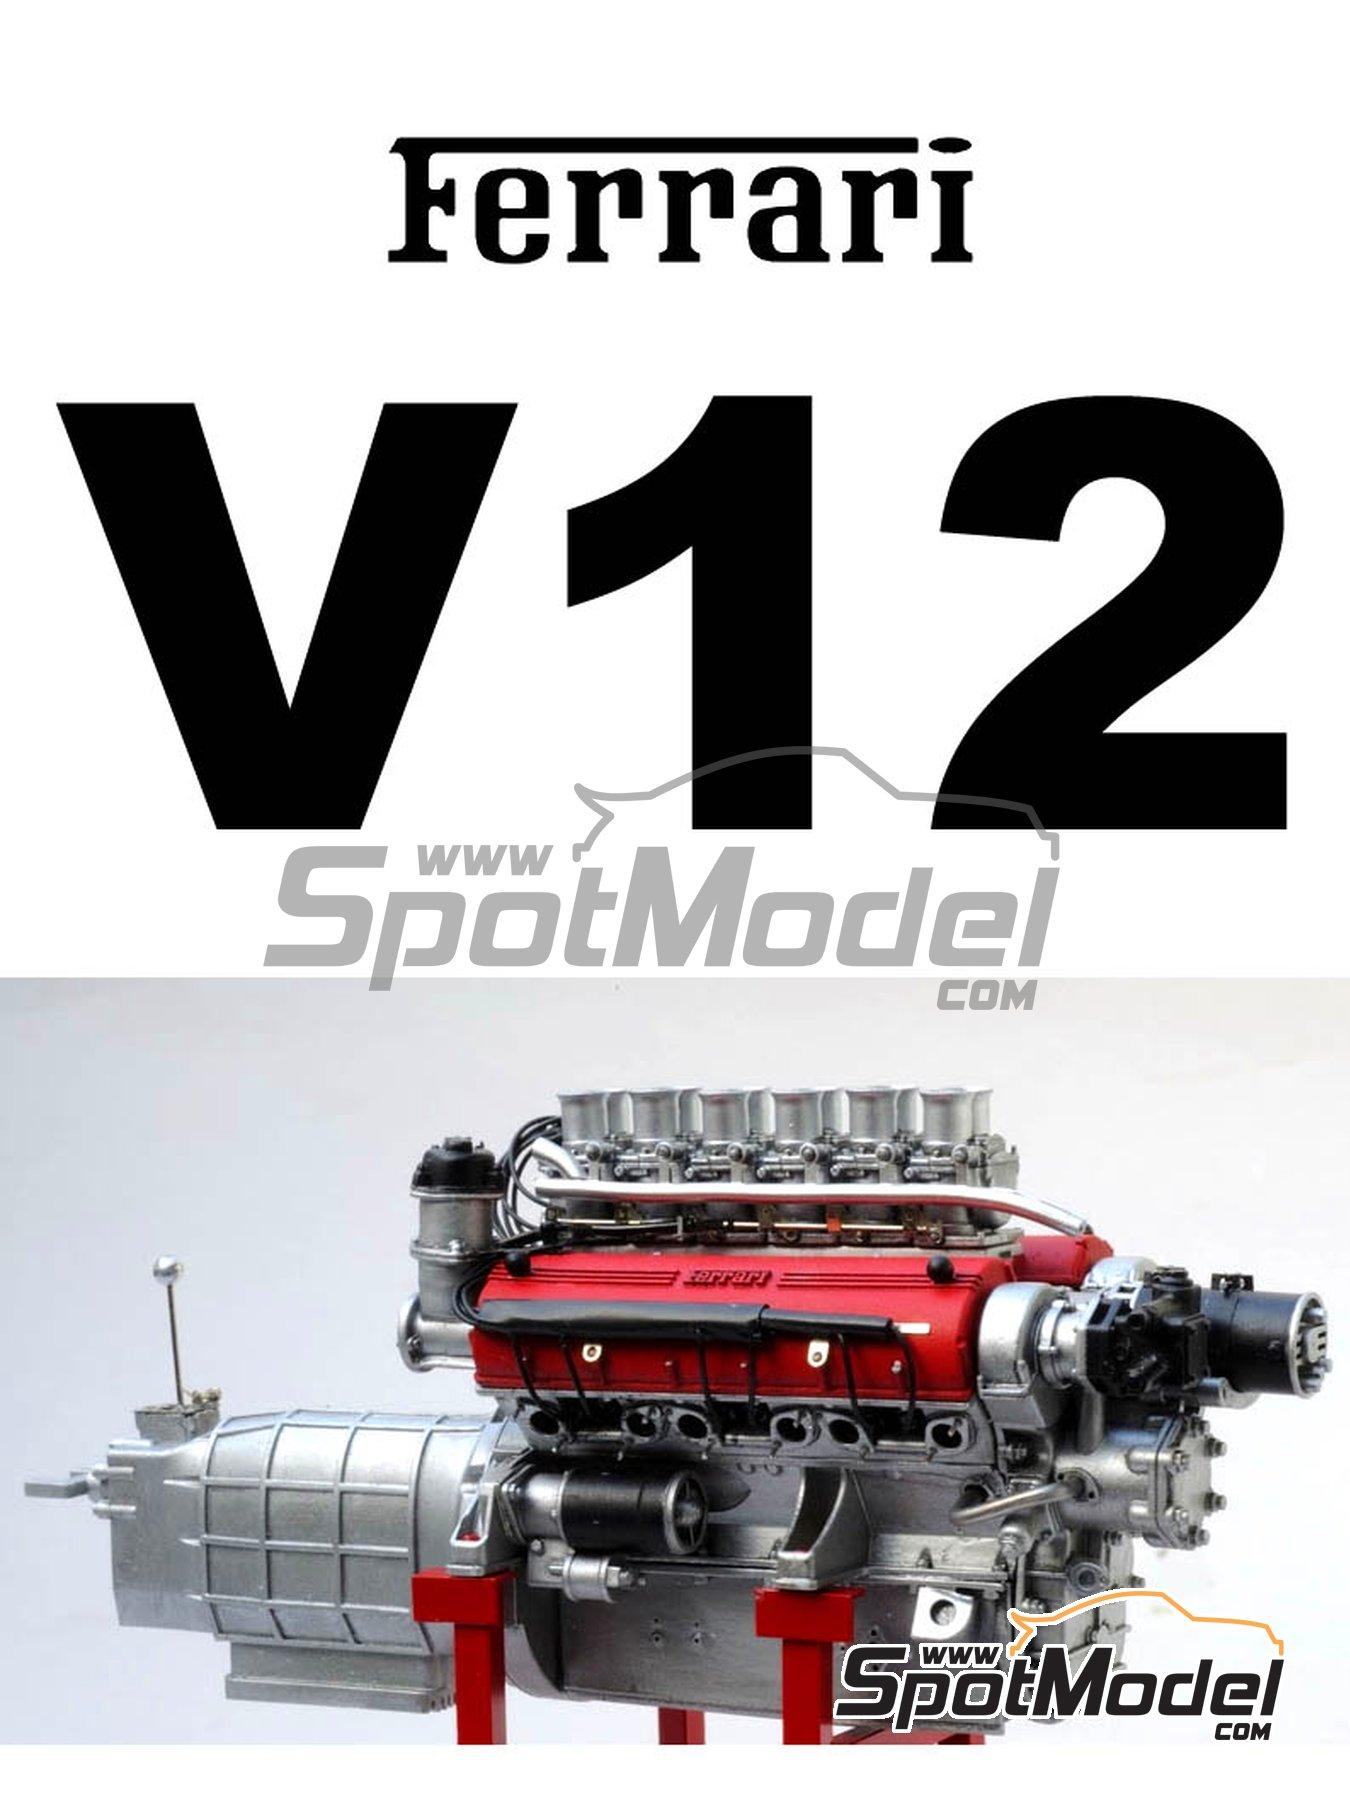 Ferrari V12 3000cc | Motor en escala1/12 fabricado por Renaissance Models (ref.12ENG1) image